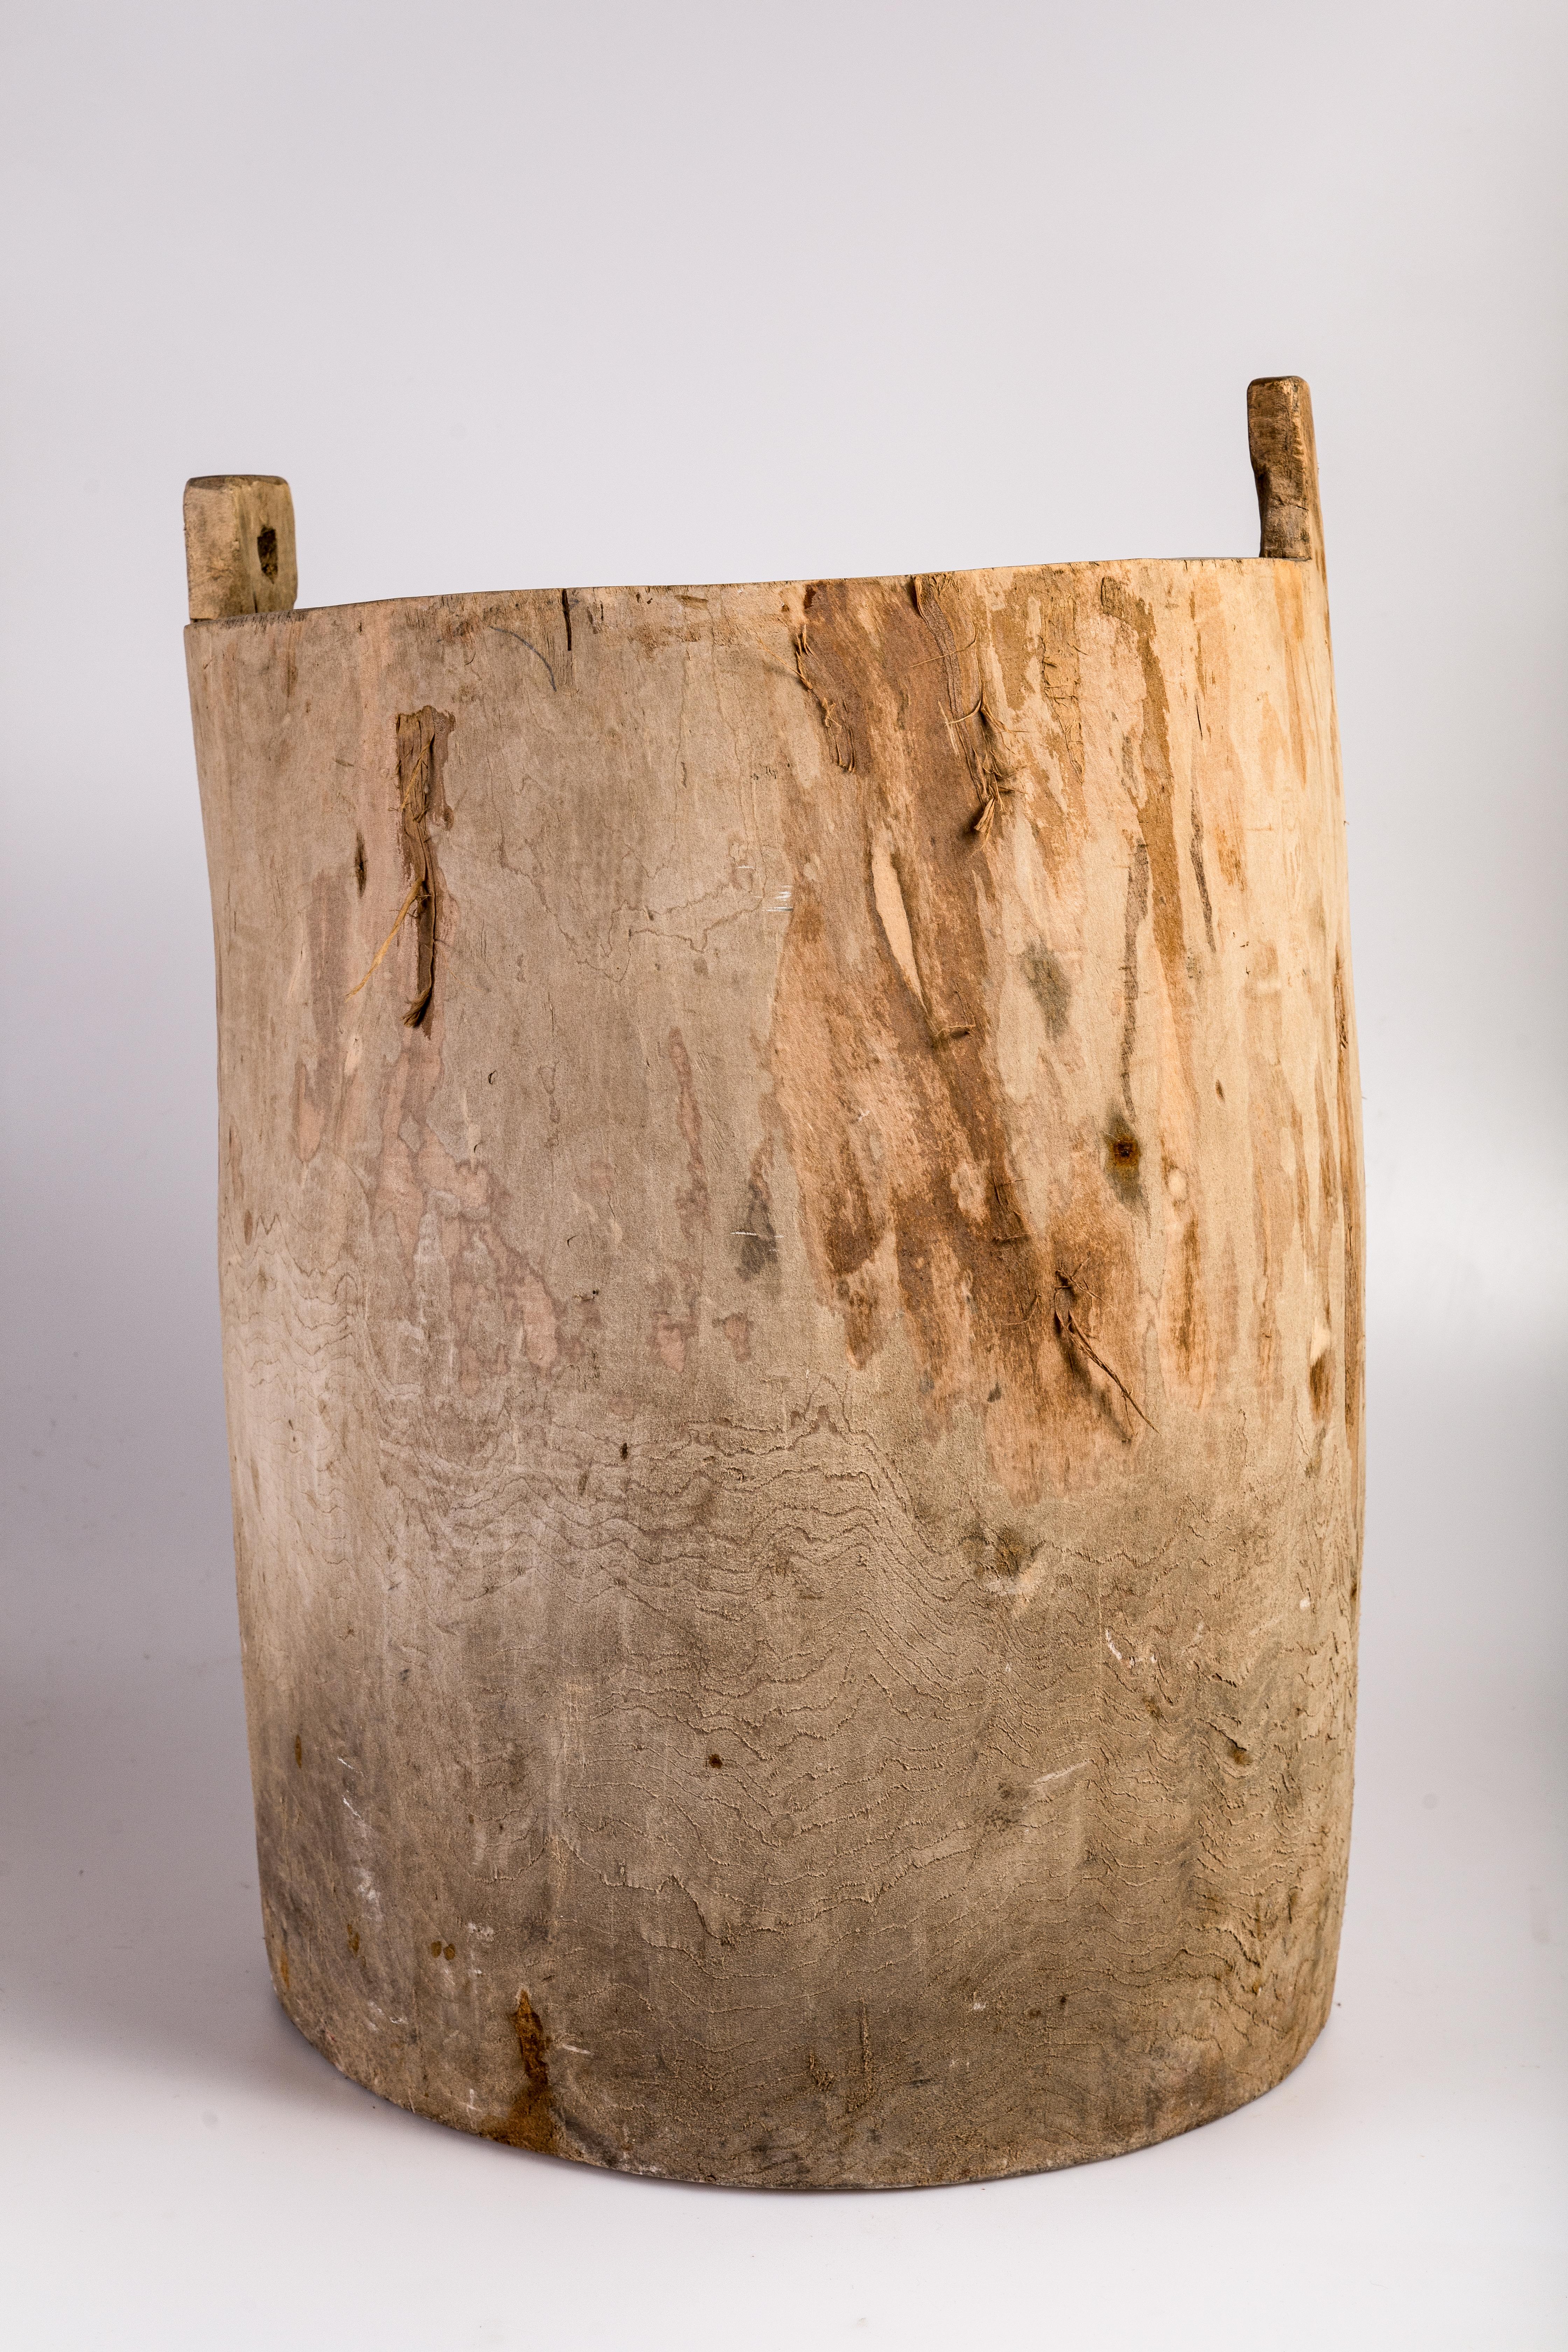 Дерев'яна діжка на ніжках з декількома отворами на дні, що закривалися кілочками, в якій золили (відбілювали, прали) білизну, полотно.